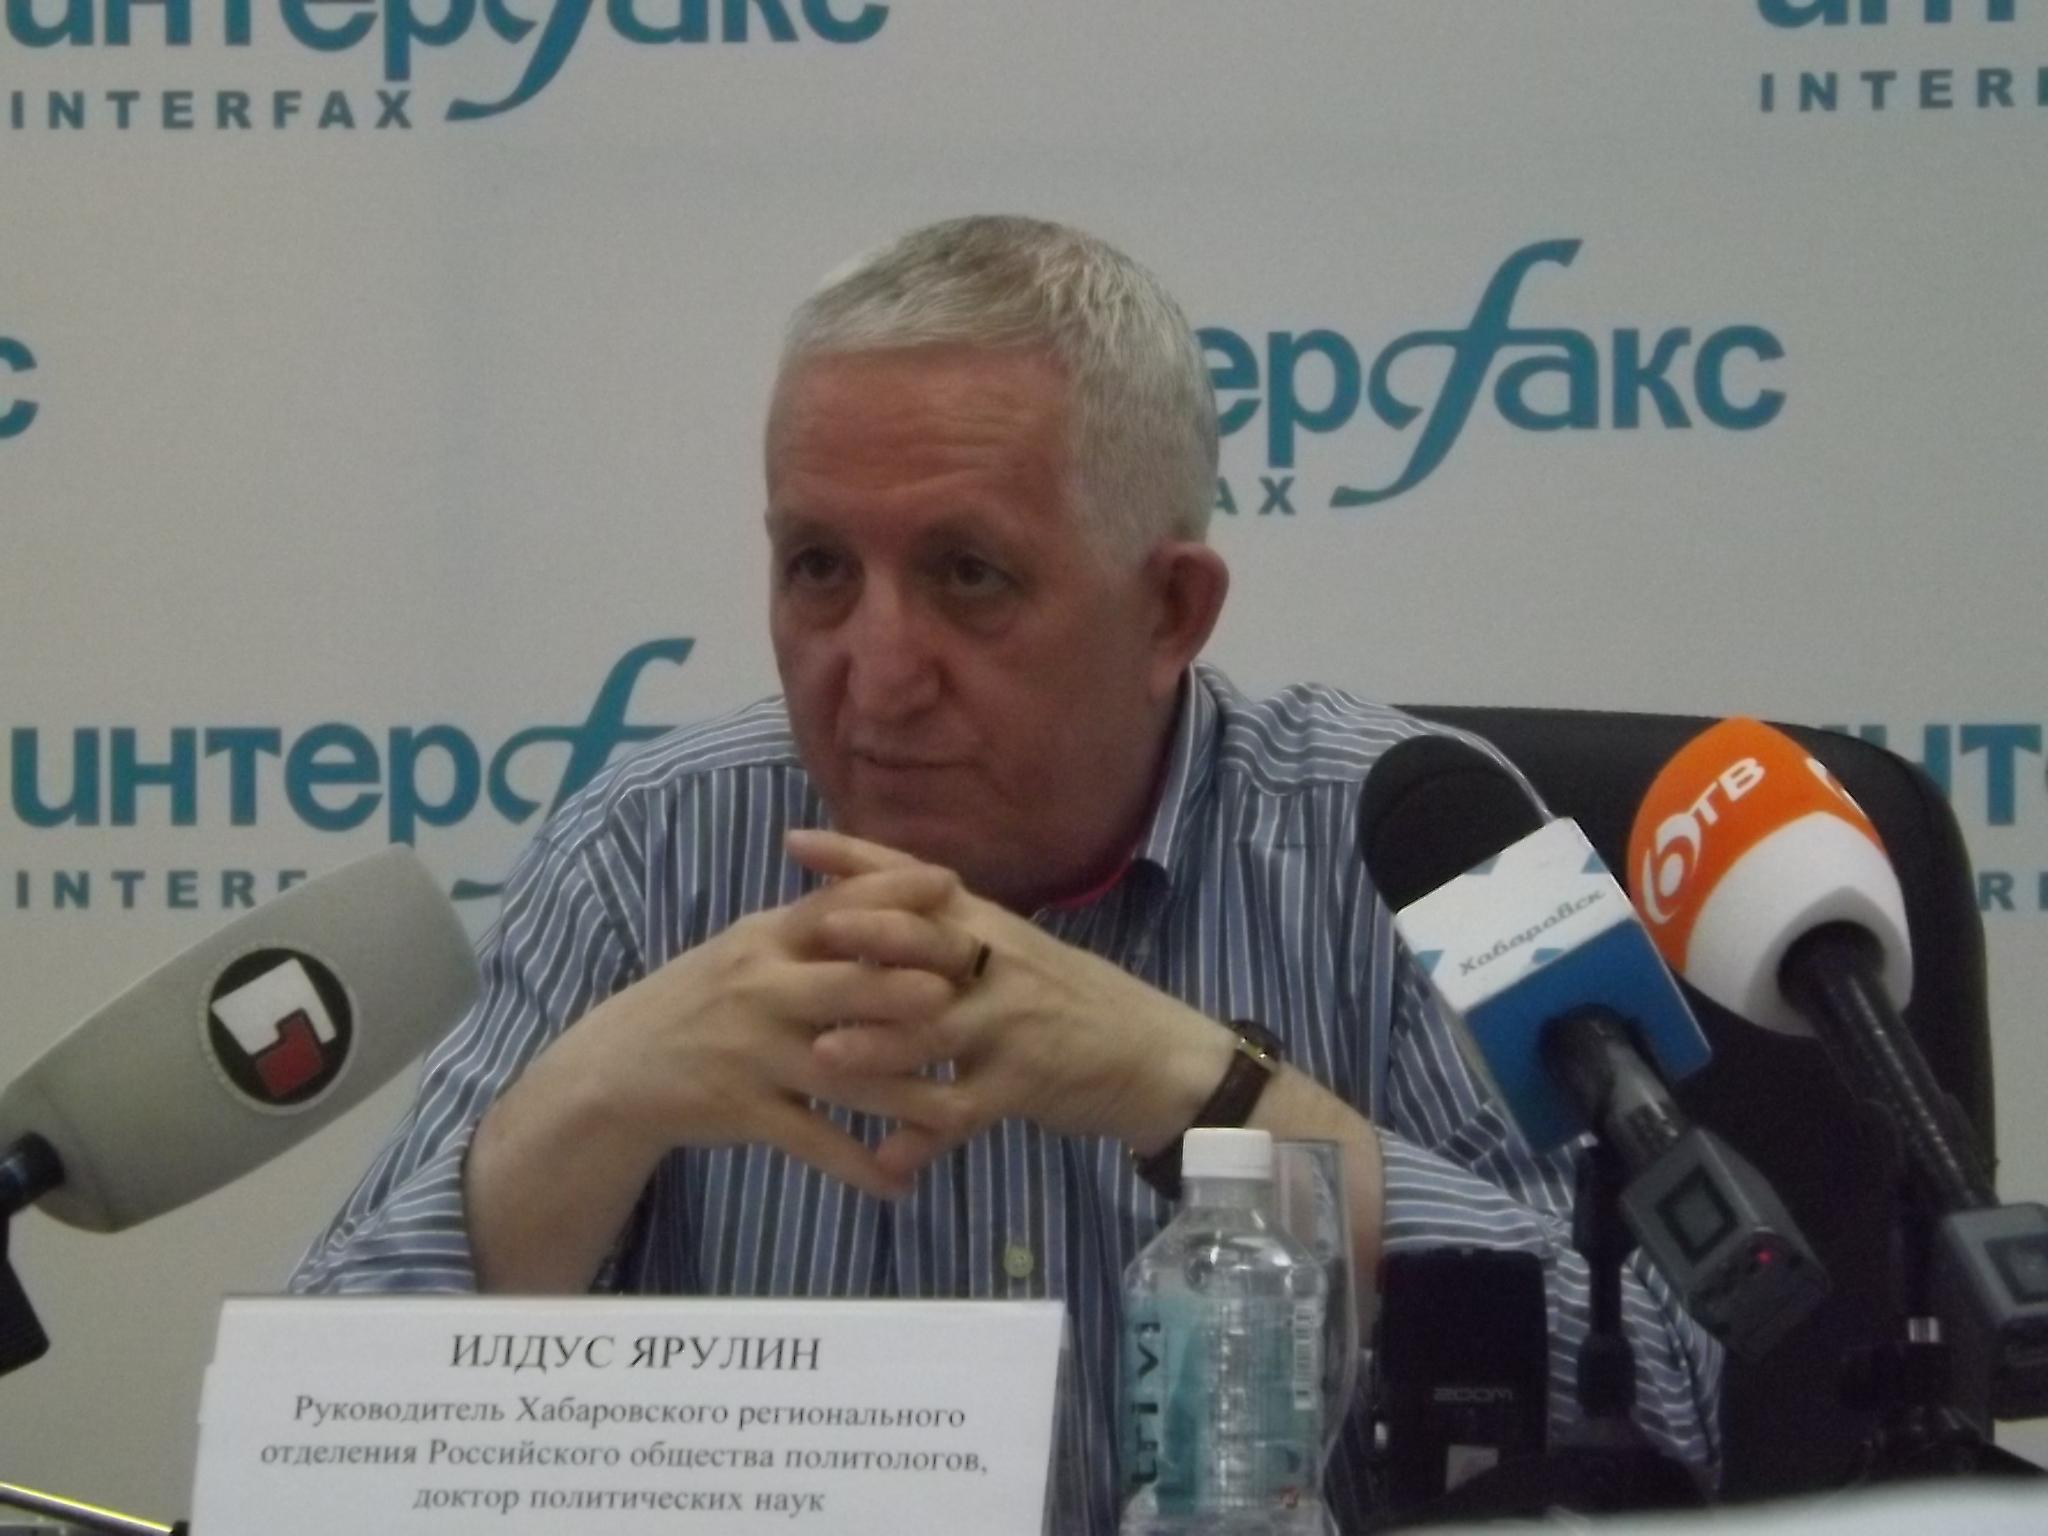 """Выборы в Хабаровске: как раскачать """"болотный"""" электорат"""